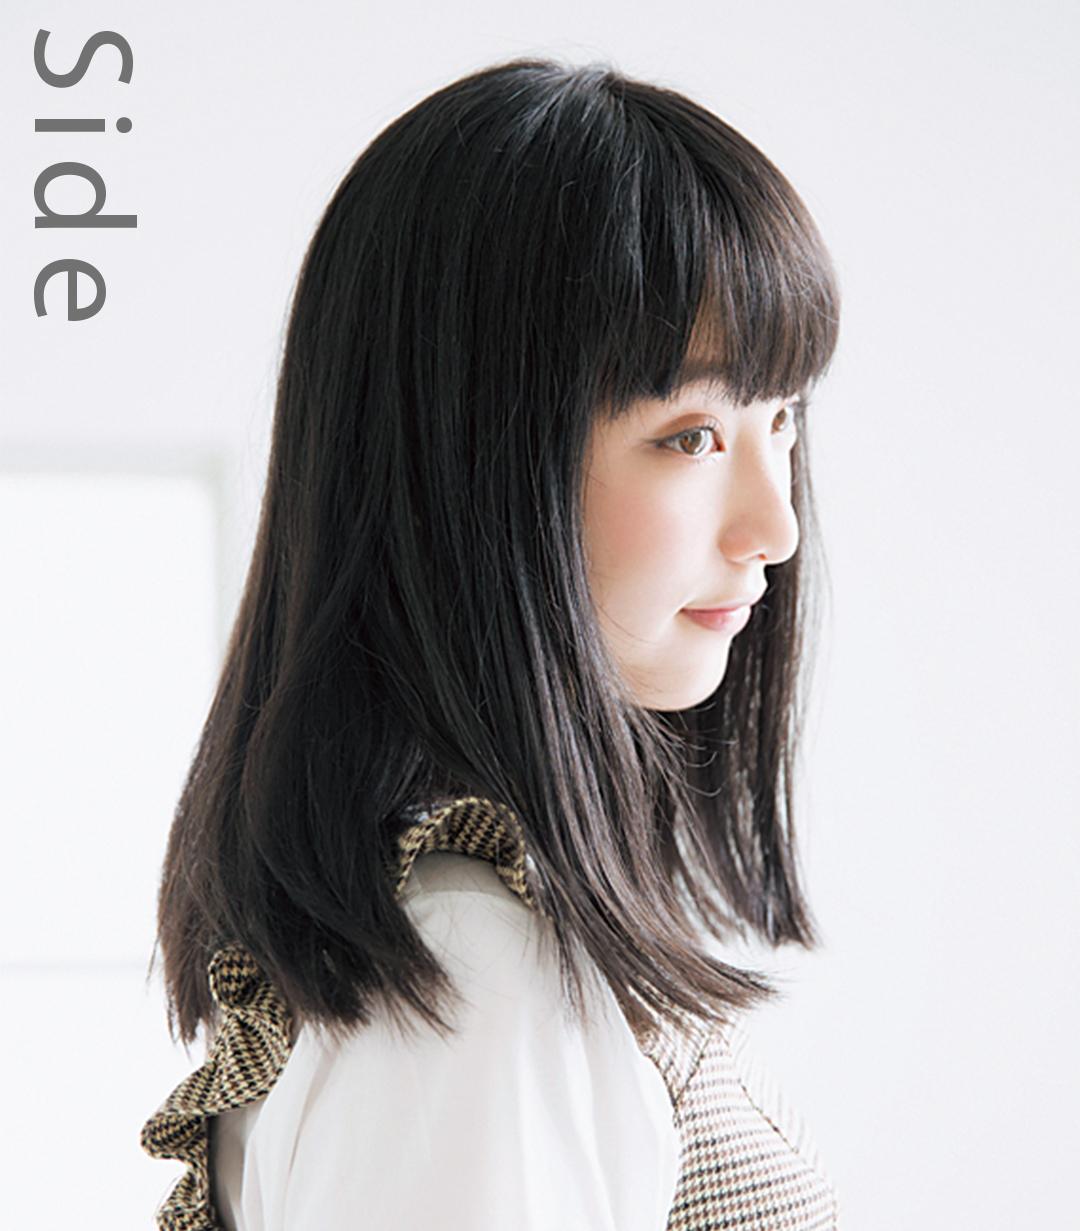 山田愛奈、20cm髪を切る! 小顔前髪&透明感カラーのお手本ヘアスタイル♡ _1_2-1